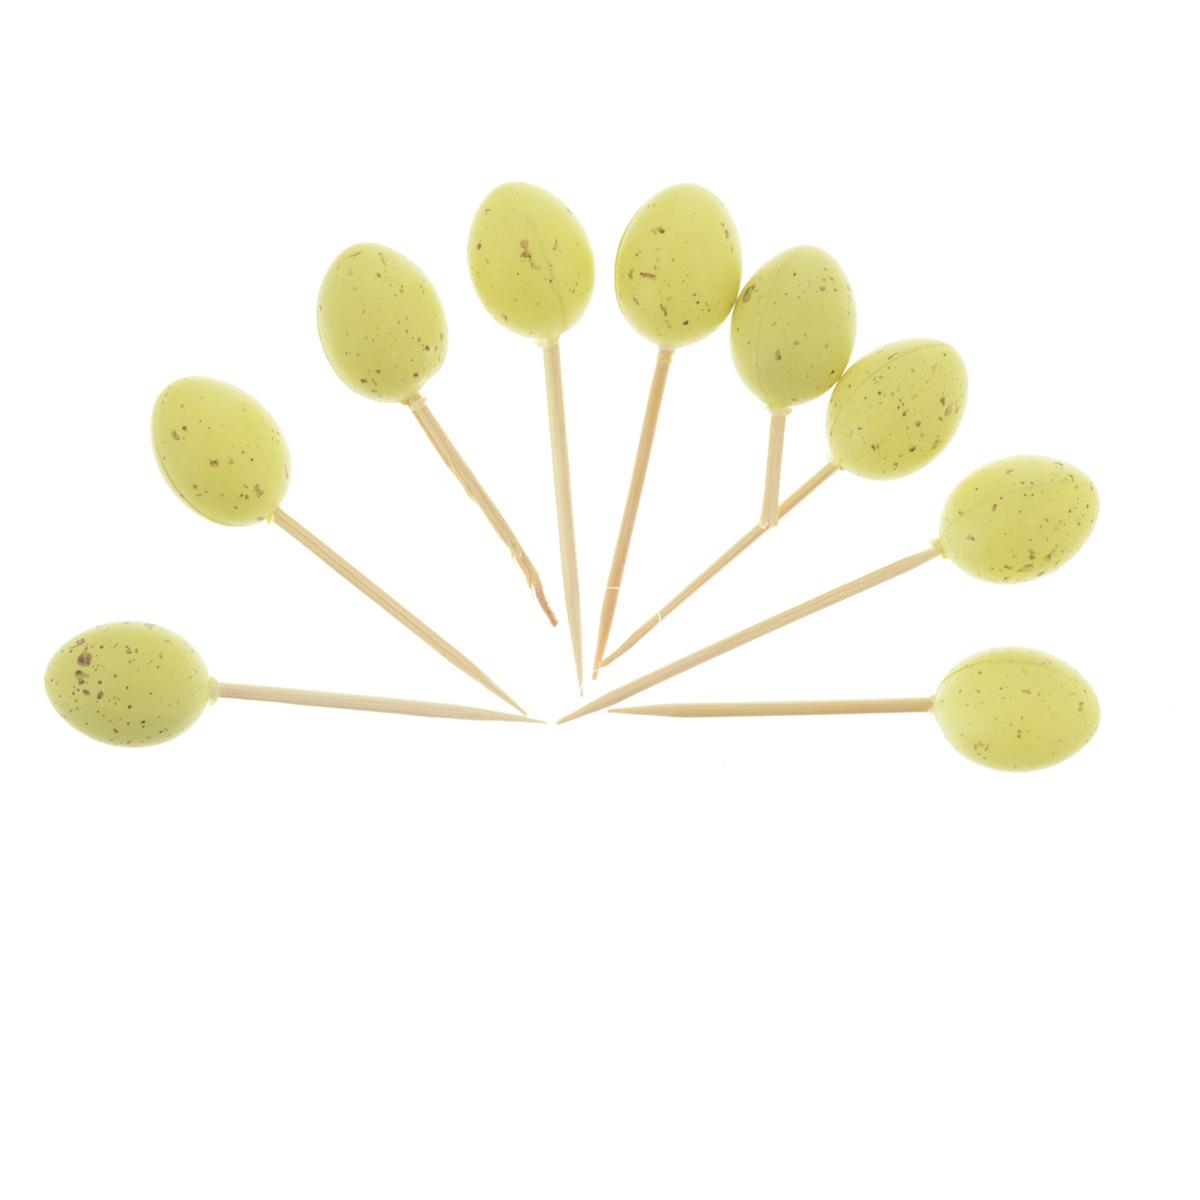 Набор декоративных украшений Home Queen Пасхальные яйца для кулича, цвет: фисташковый, 9 штNLED-405-0.5W-MНабор Home Queen Пасхальные яйца, изготовленный из пластика и дерева,состоит из 9 декоративных украшений, предназначенных для оформленияпасхального кулича. Изделия декорированы фигурками пасхальных яиц. Такойнабор прекрасно дополнит оформление праздничного стола на Пасху.Размер фигурки: 1,7 см х 1,7 см х 2,3 см.